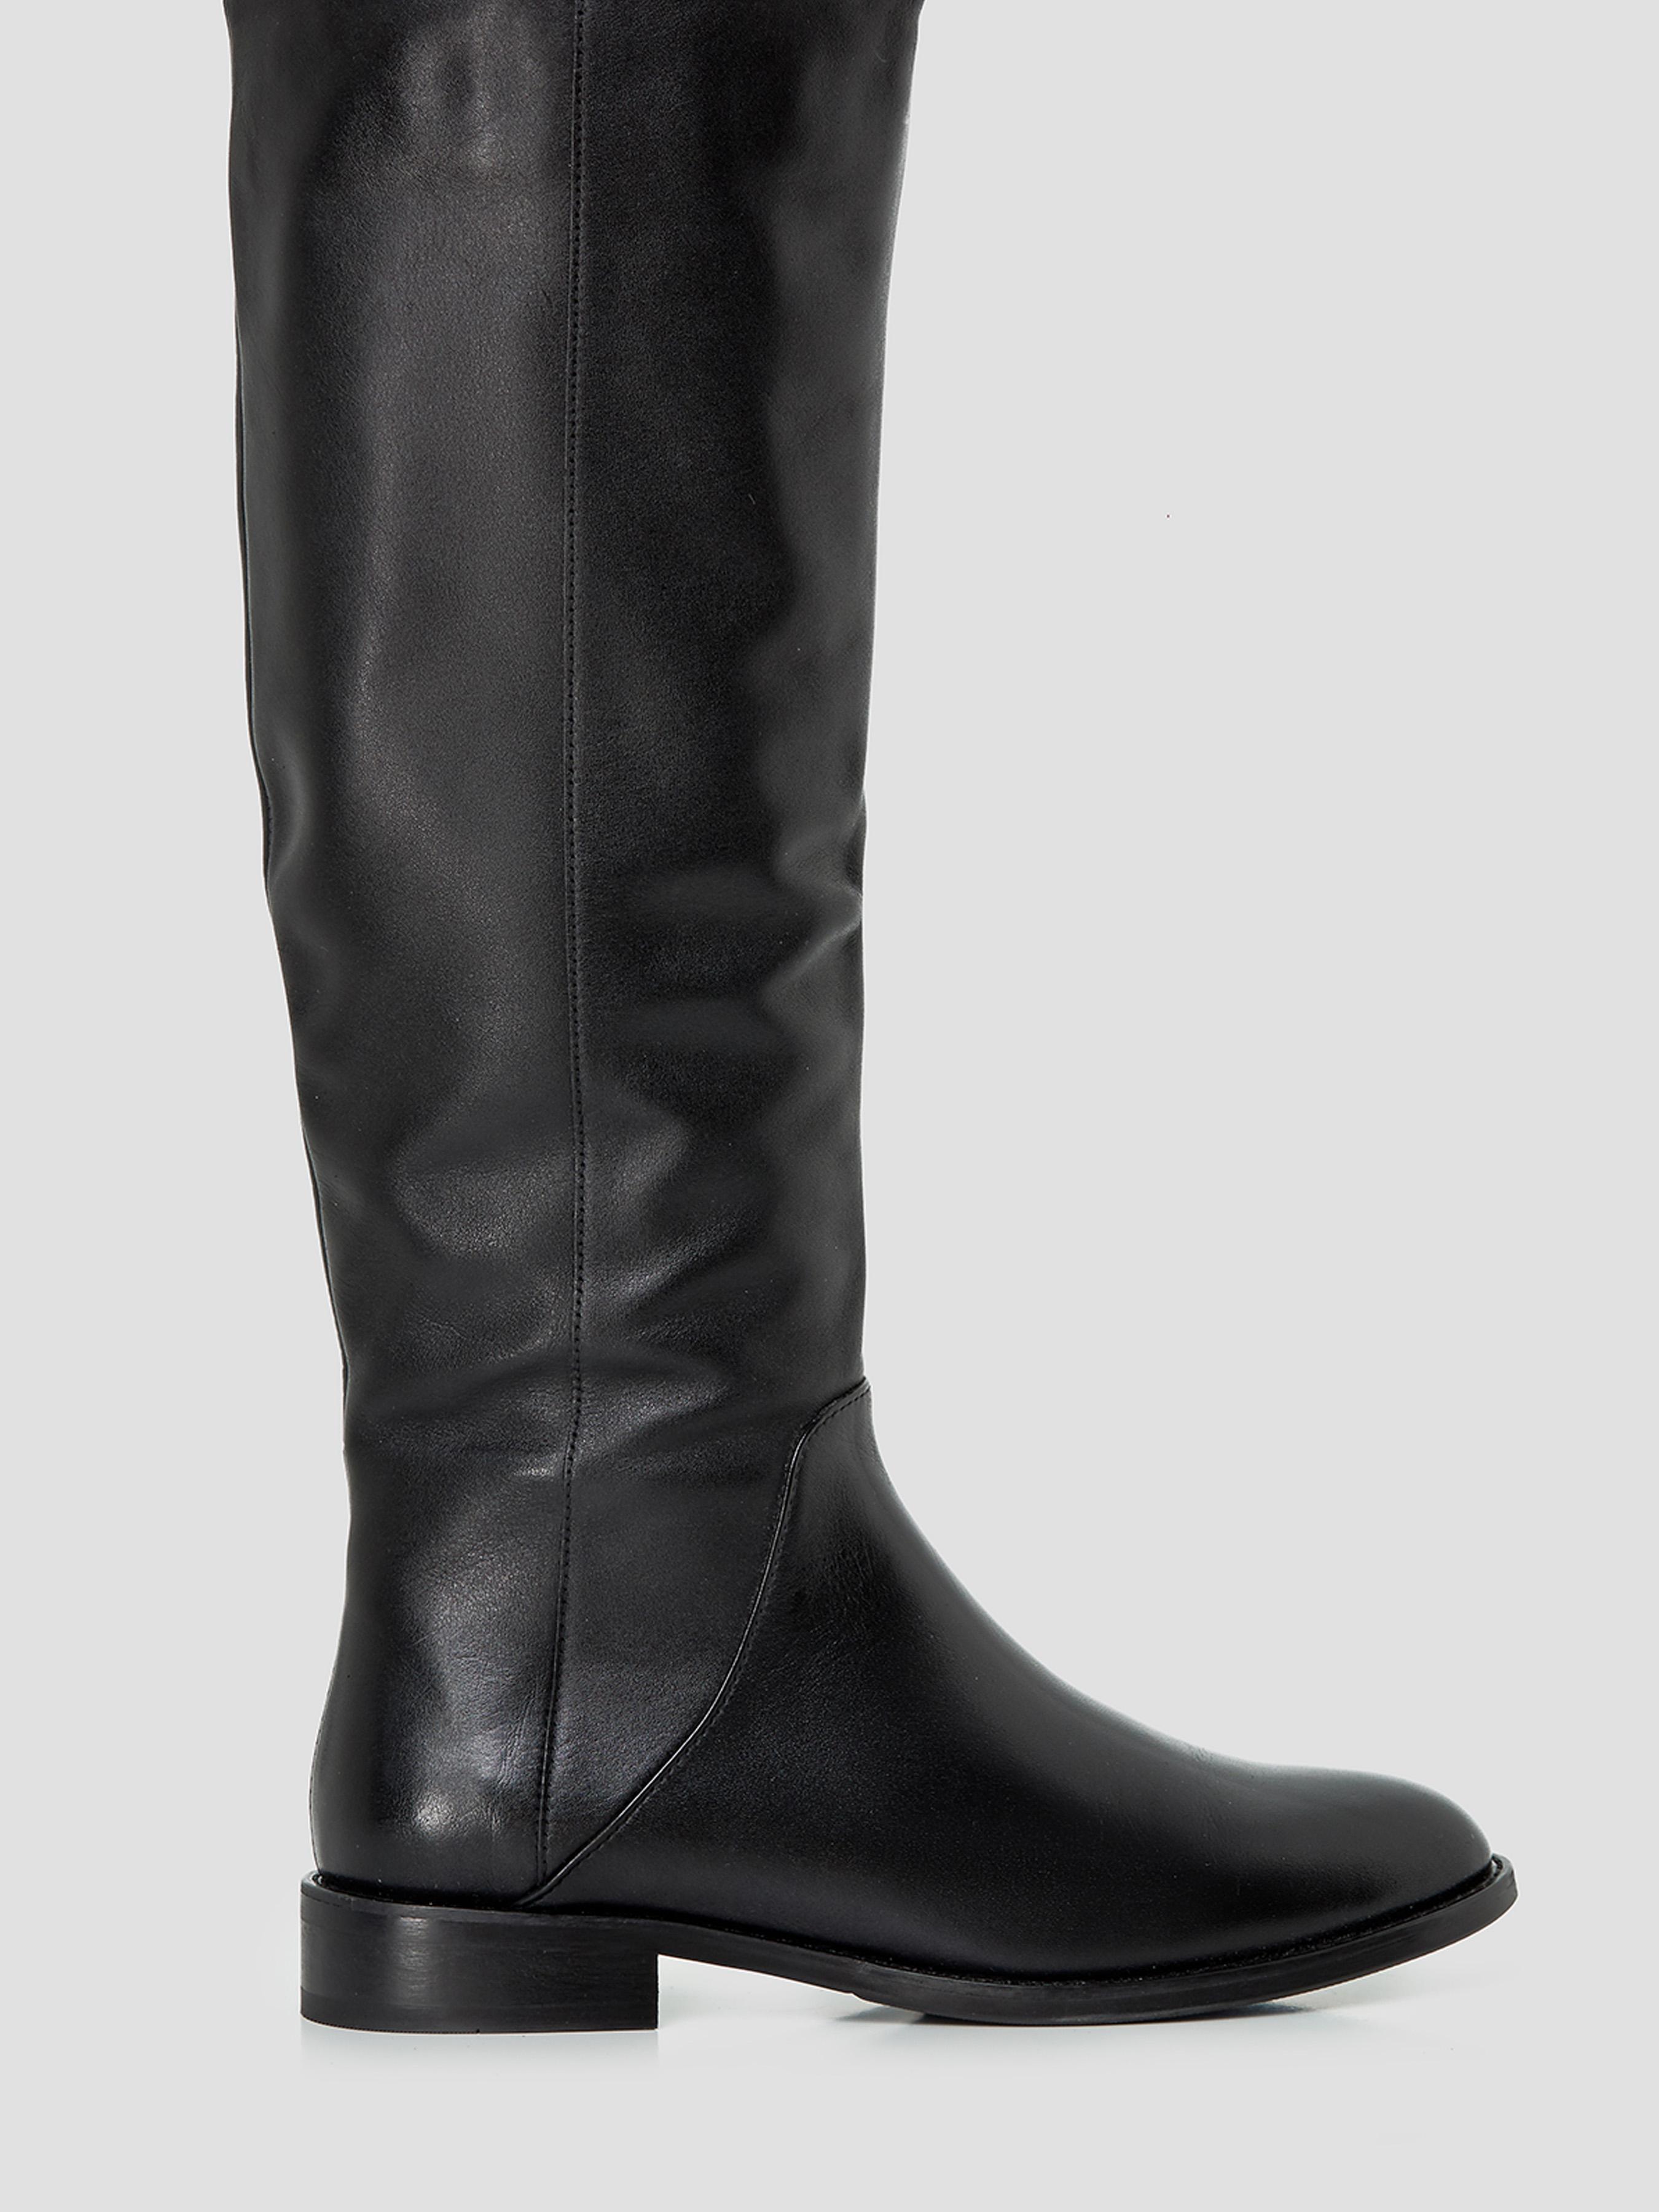 Купить Сапоги женские Жокейские сапоги из кожи черного цвета SP003KJN1BK90, Natali Bolgar, Черный